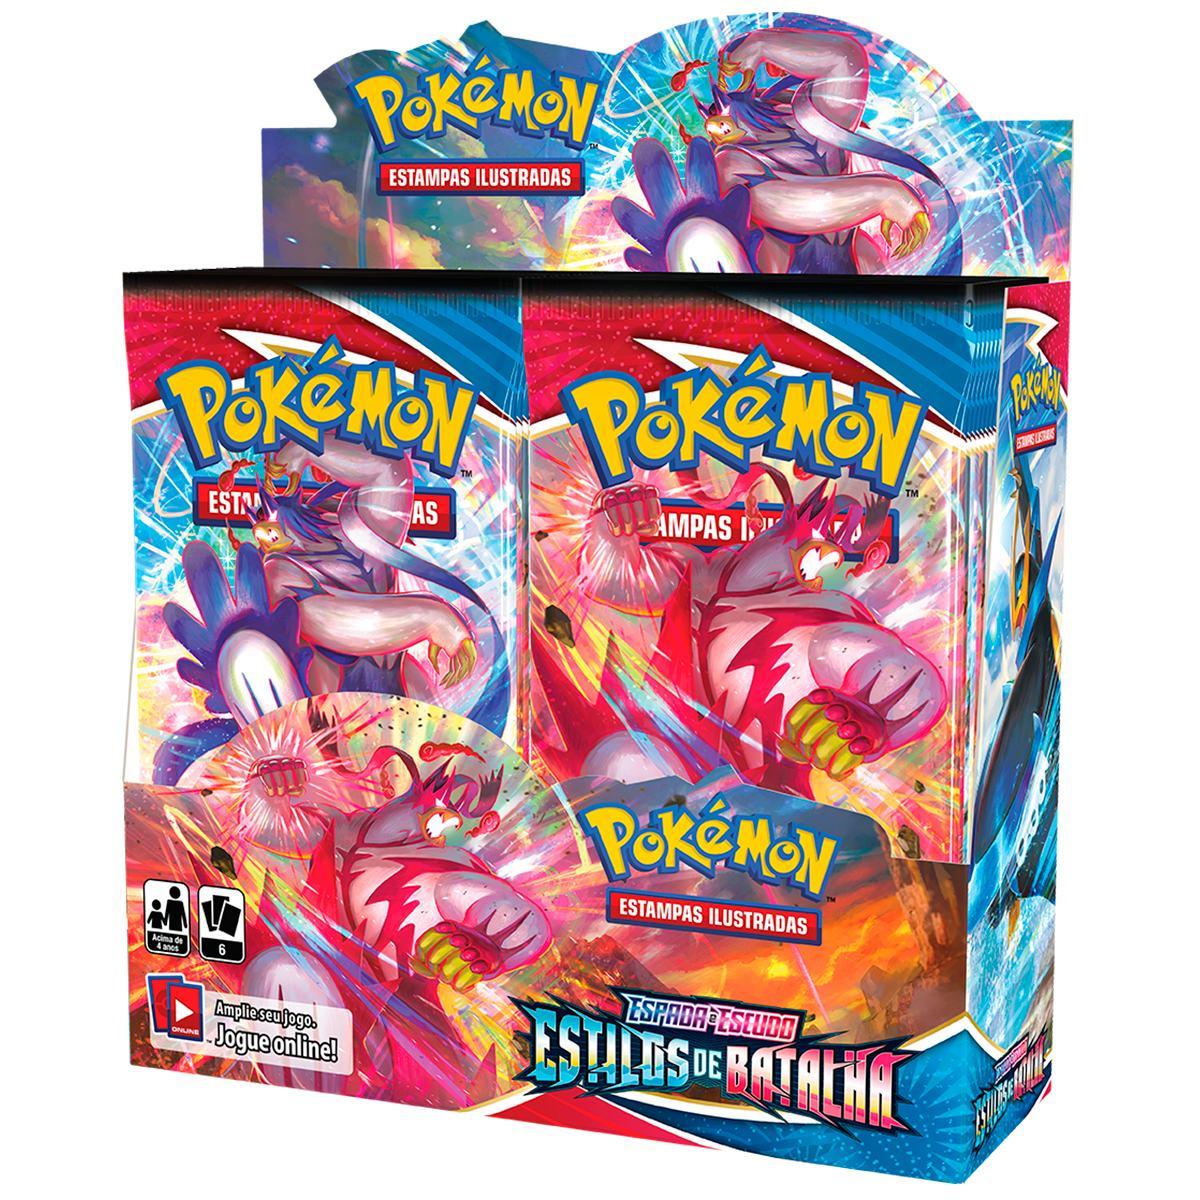 Pokemon Box Booster Espada e Escudo 5 Estilos de Batalha